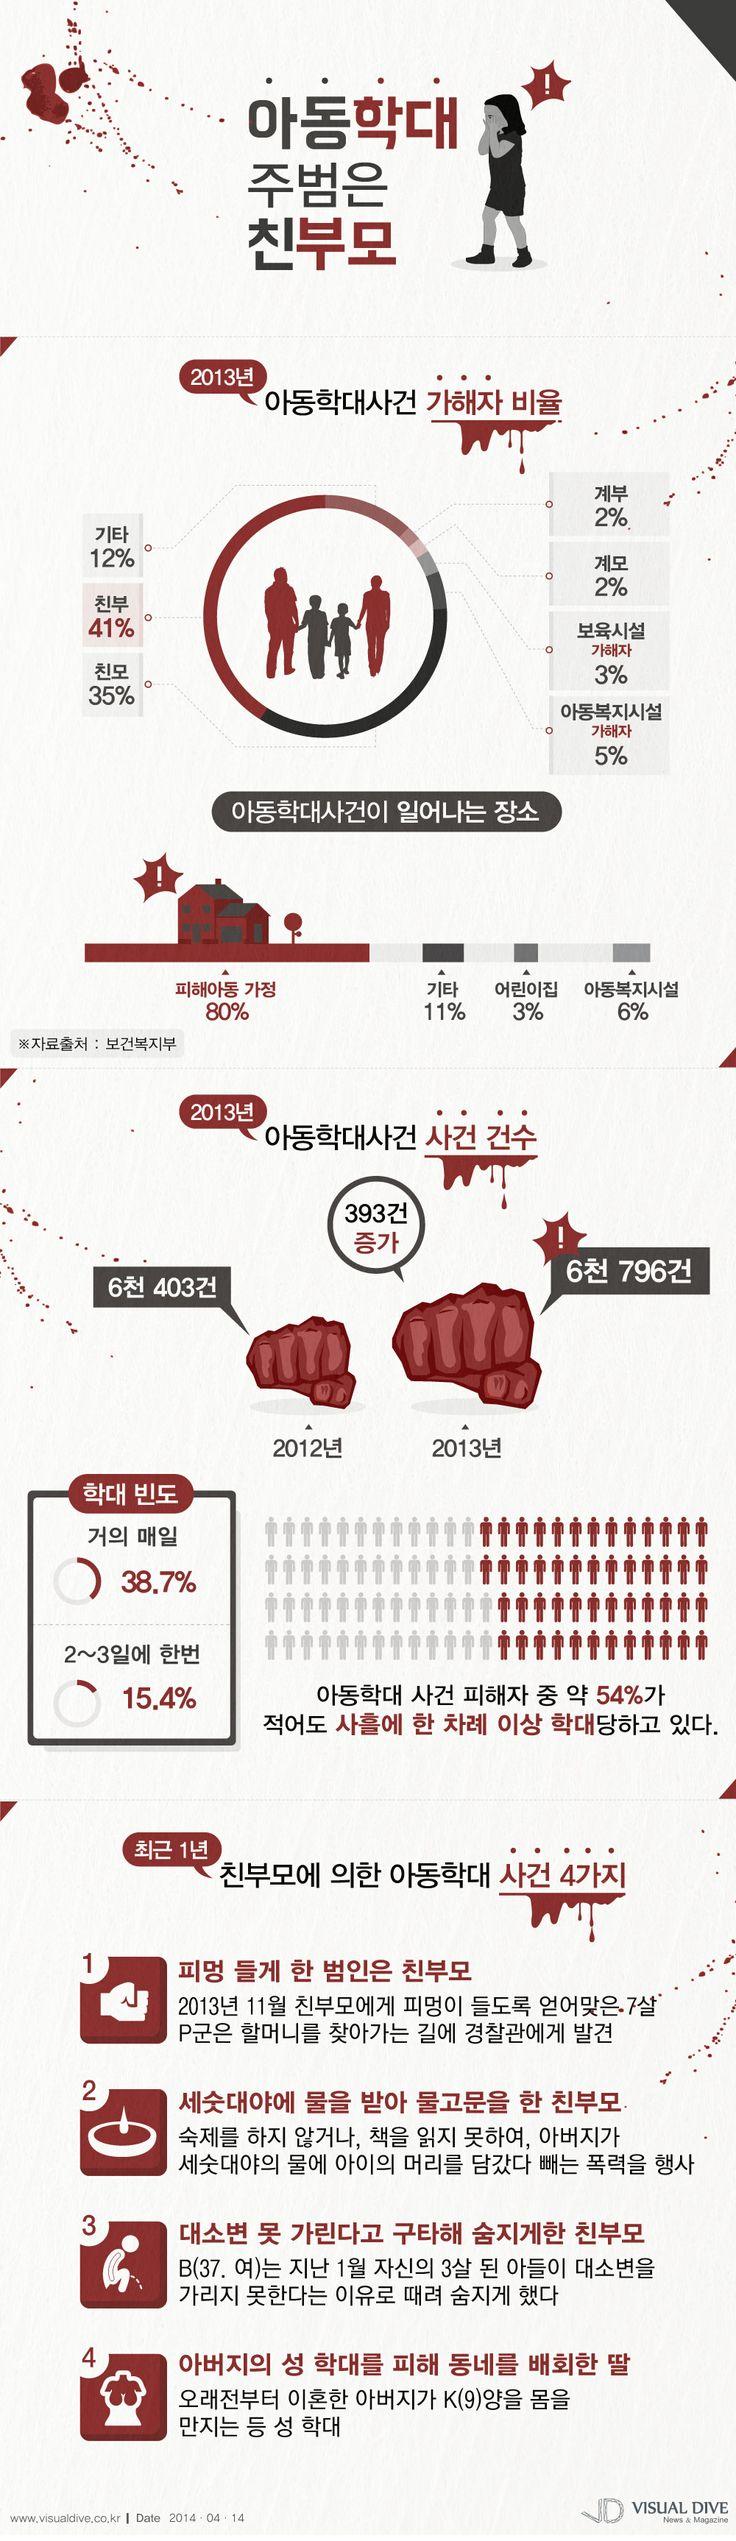 아동학대 주범, 계모 계부 아닌 친부모가 80% [인포그래픽] #children  #Infographic ⓒ 비주얼다이브 무단 복사·전재·재배포